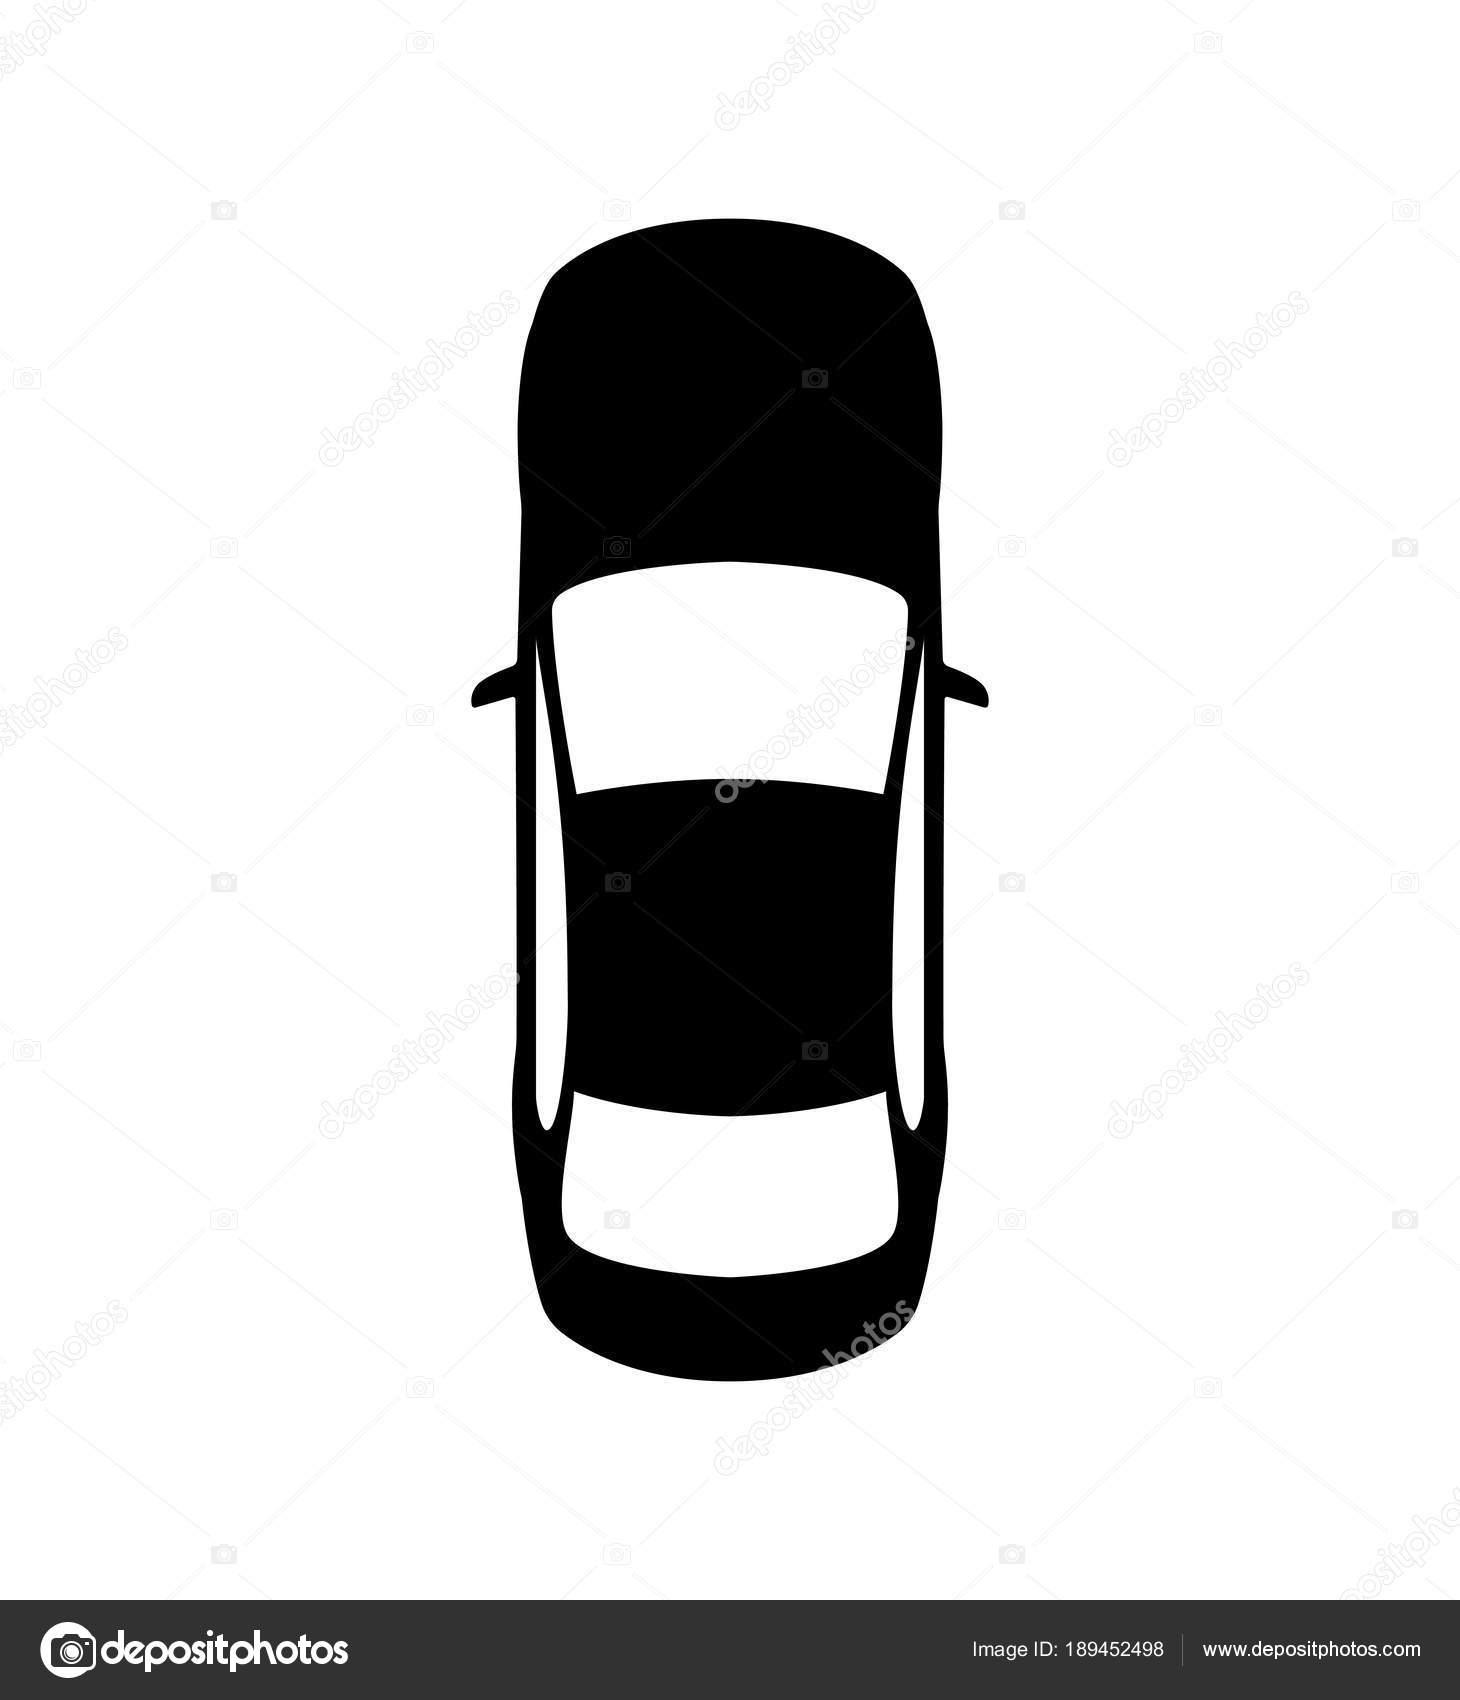 Top View Of A Car Car Icon Vector Stock Vector C Warmworld